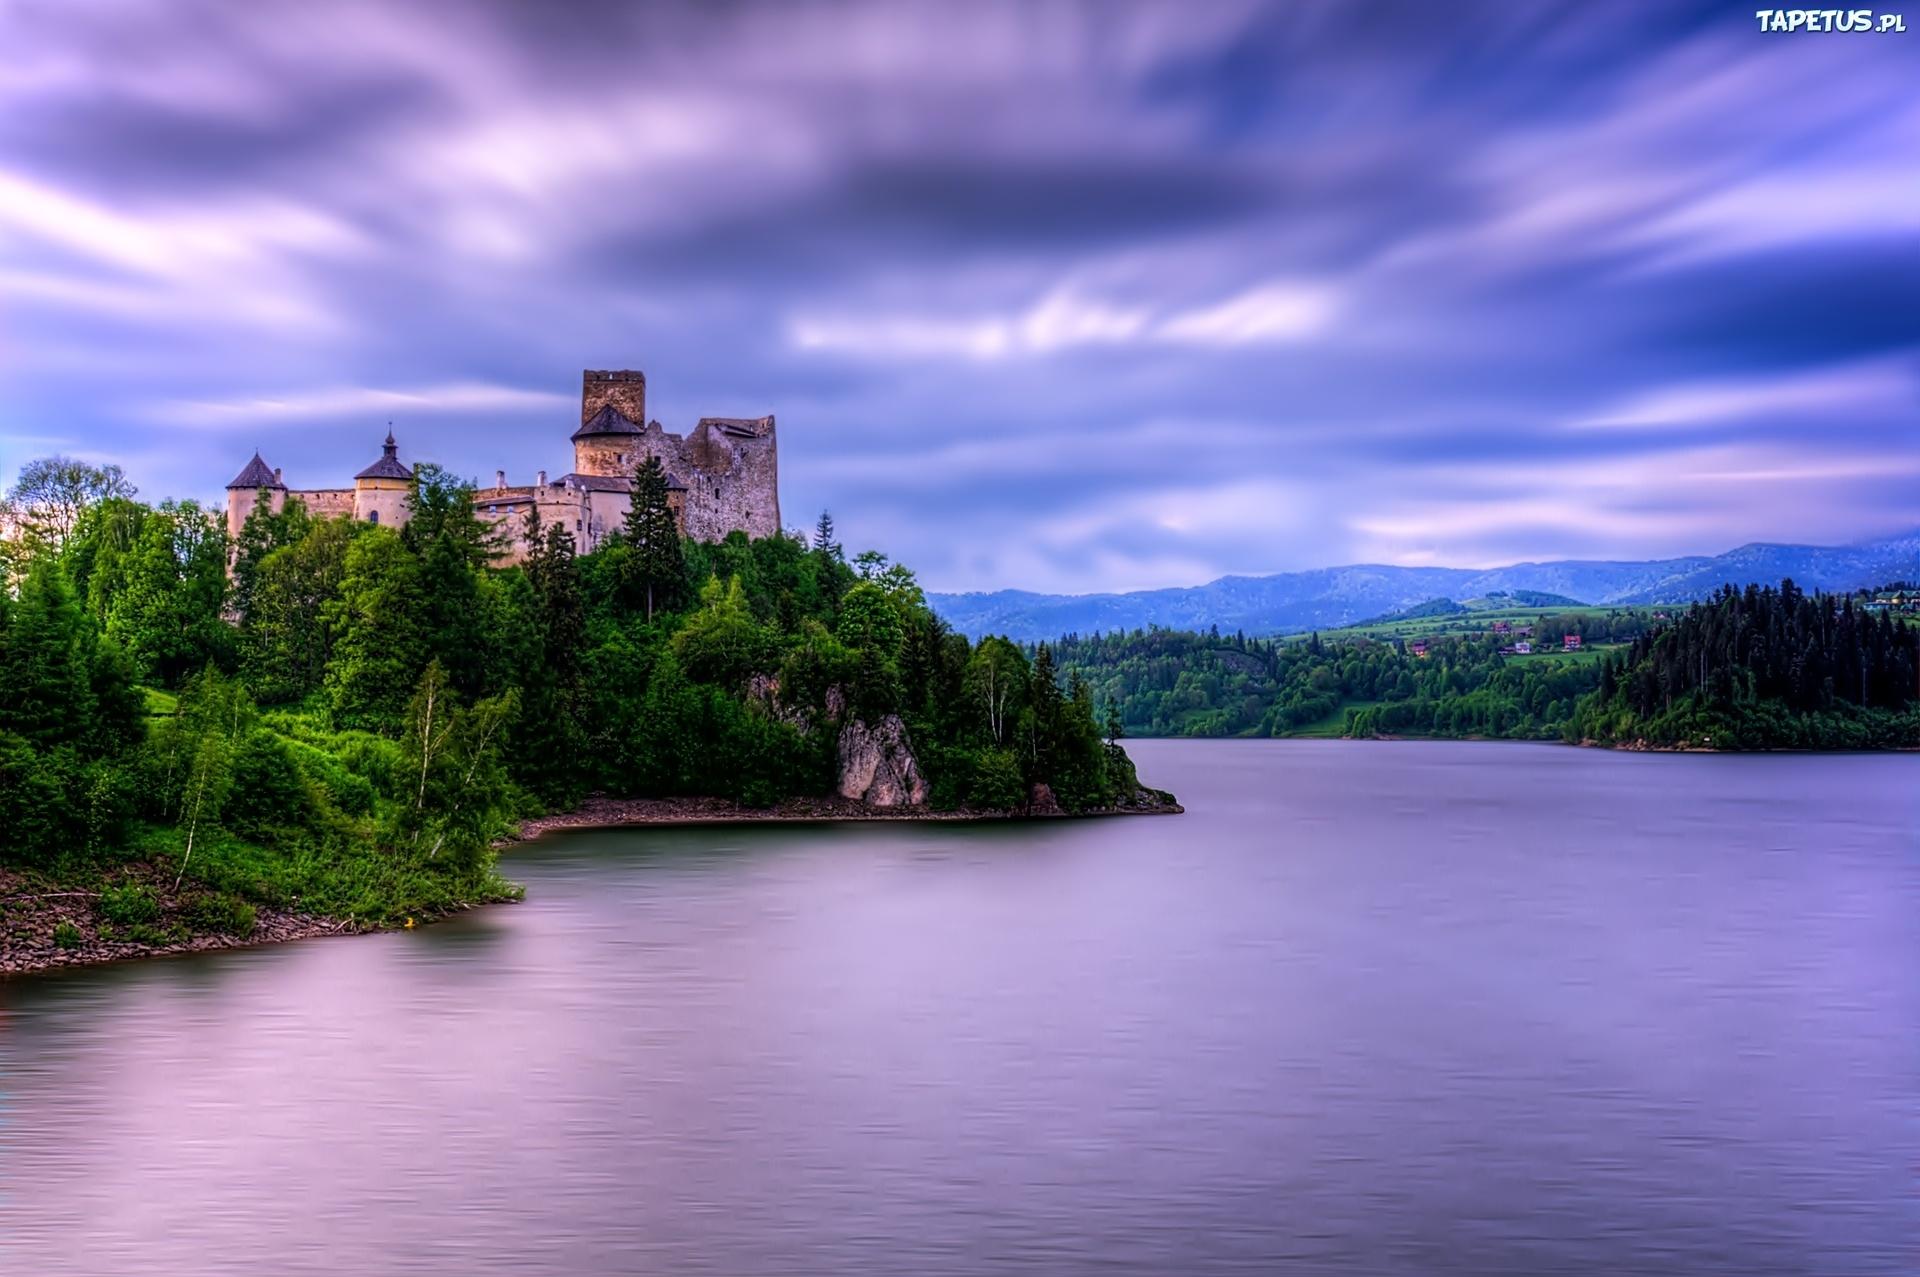 крепость холм без смс